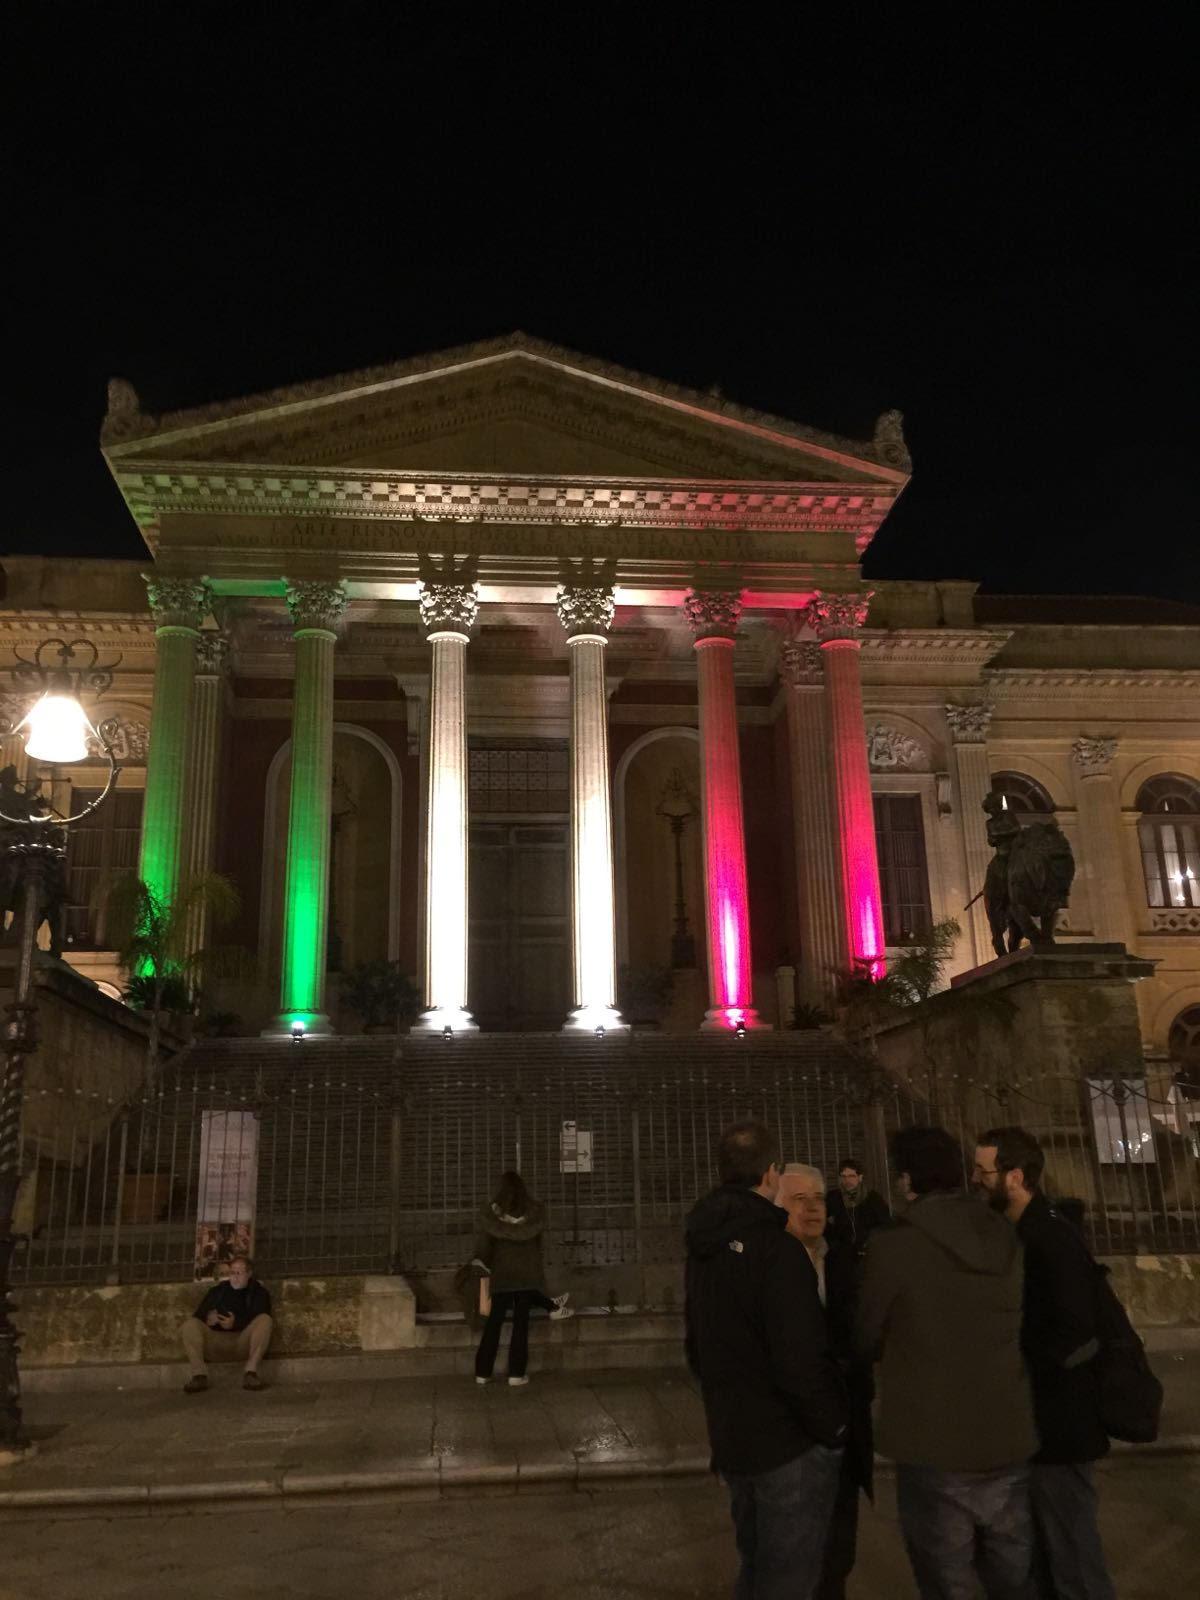 Cgil, Palermo Capitale Della Cultura Per Il 2018 Sia Occasione Di Sviluppo Per Tutta La Città